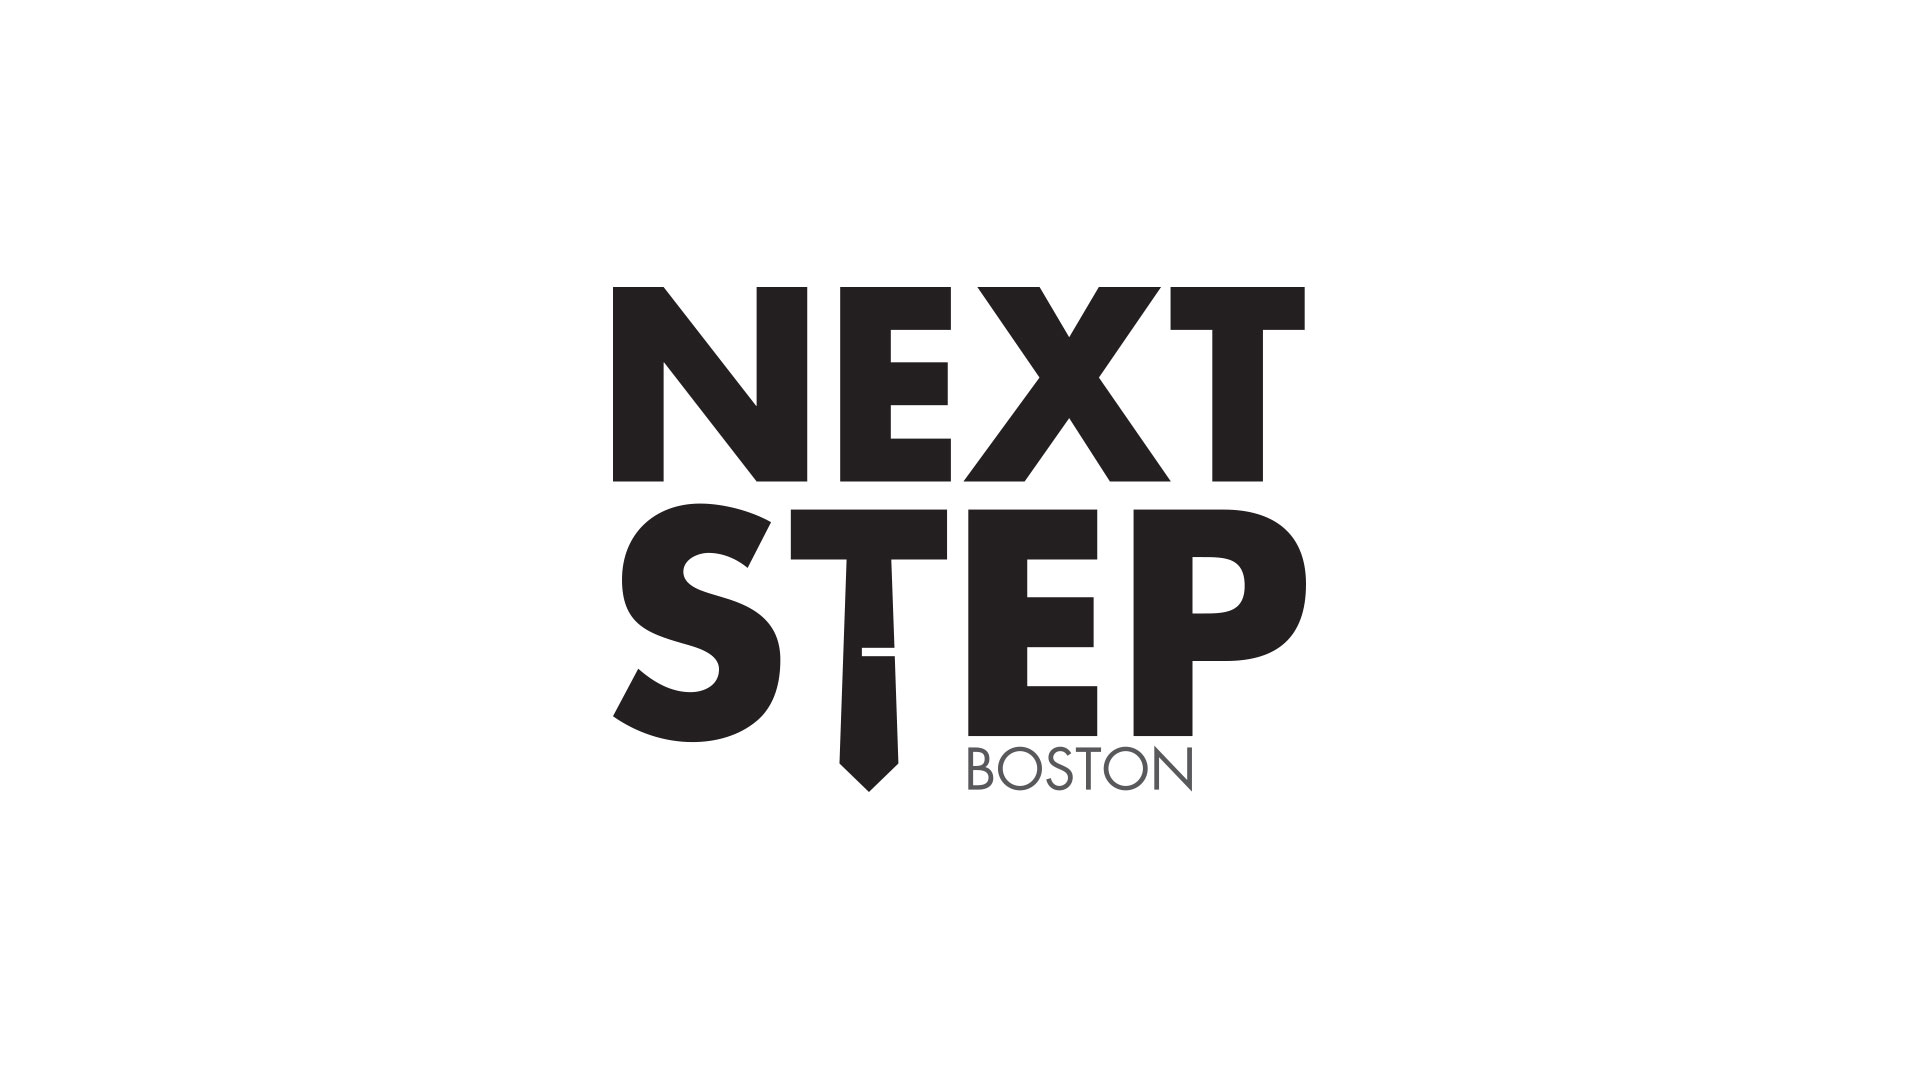 Next Step: Boston | Shane Harris